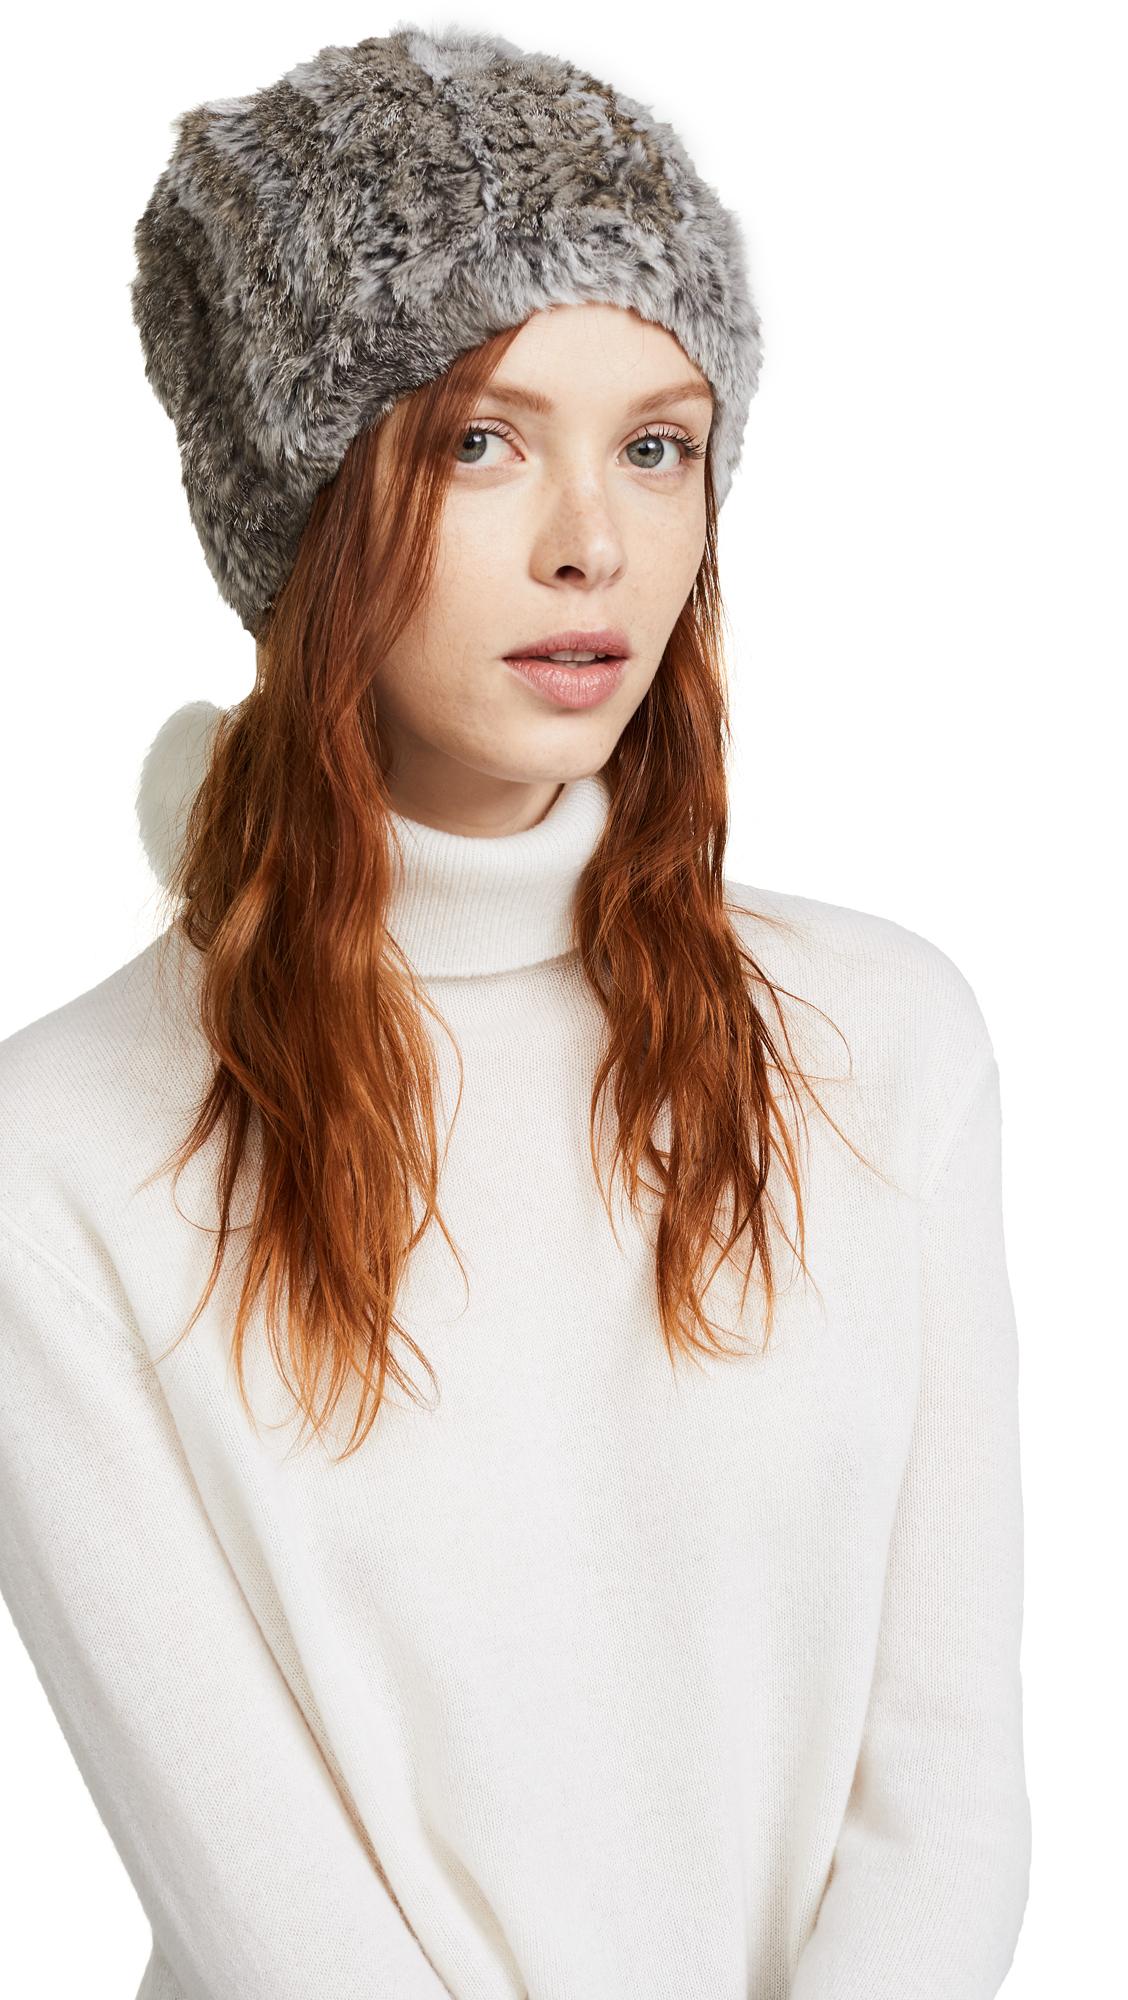 Adrienne Landau Fur Pom Pom Hat - Grey/White